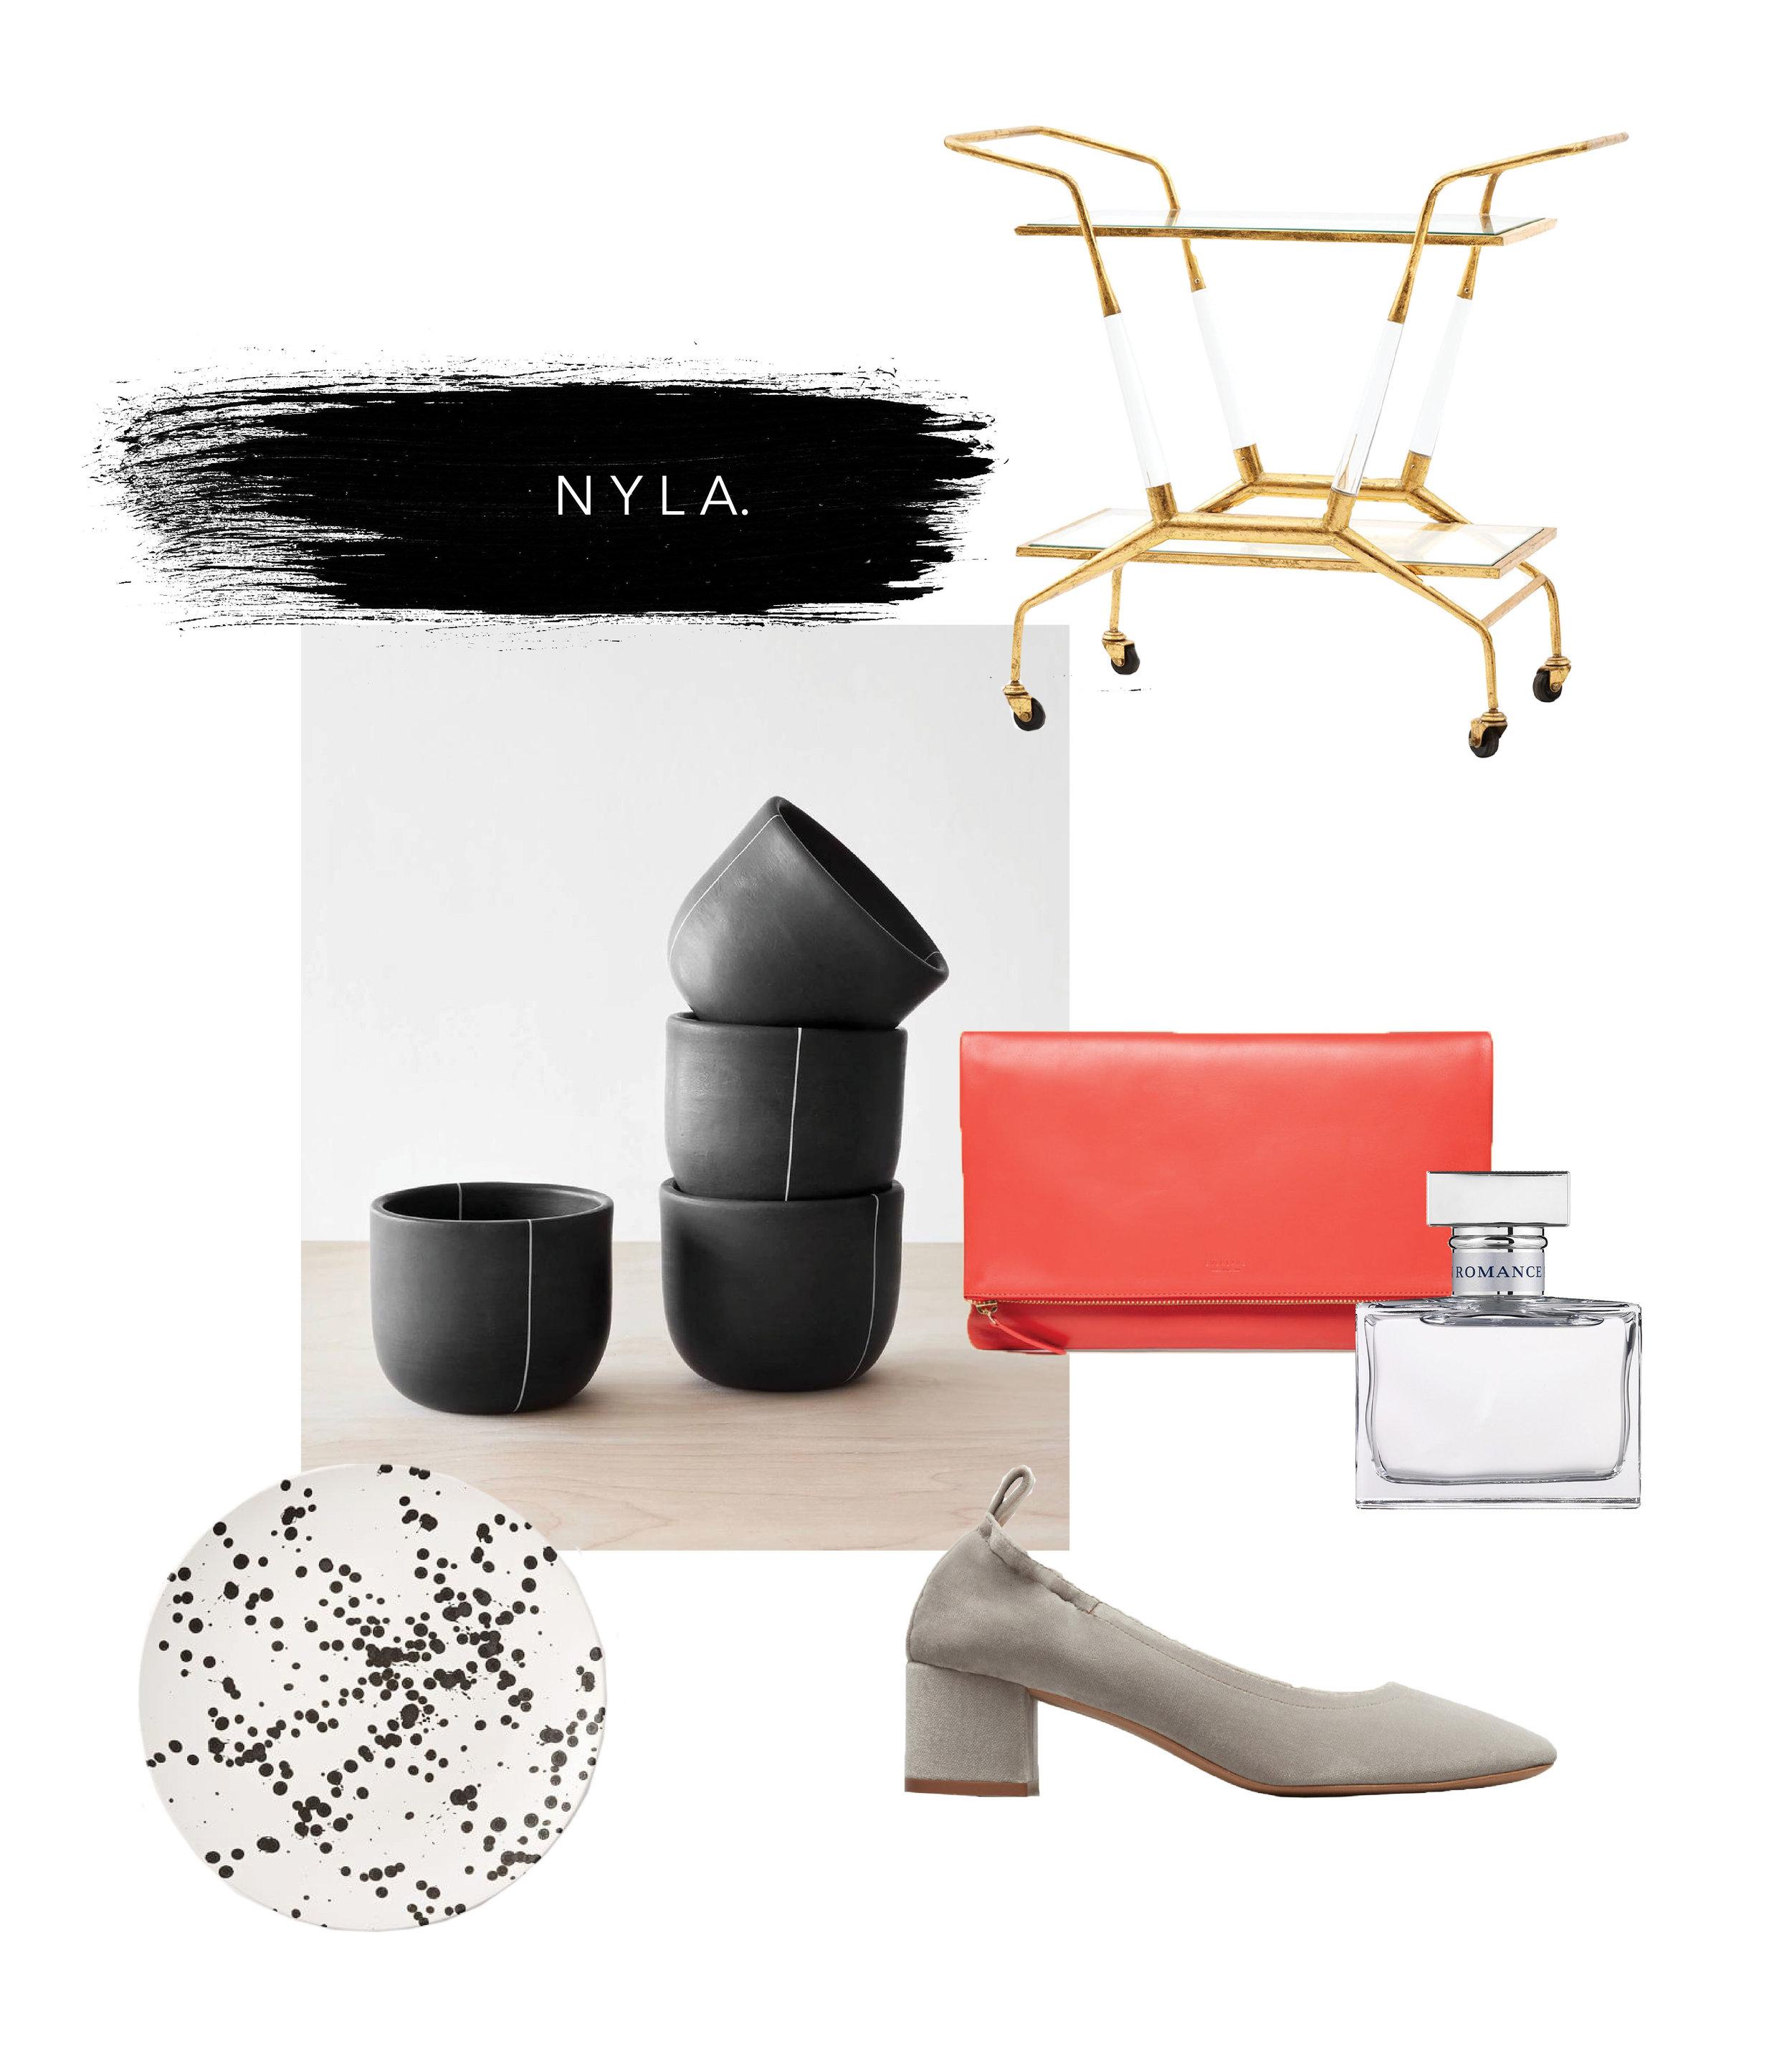 Nyla Free Designs, Nyla, Staff Picks, Christmas 2017